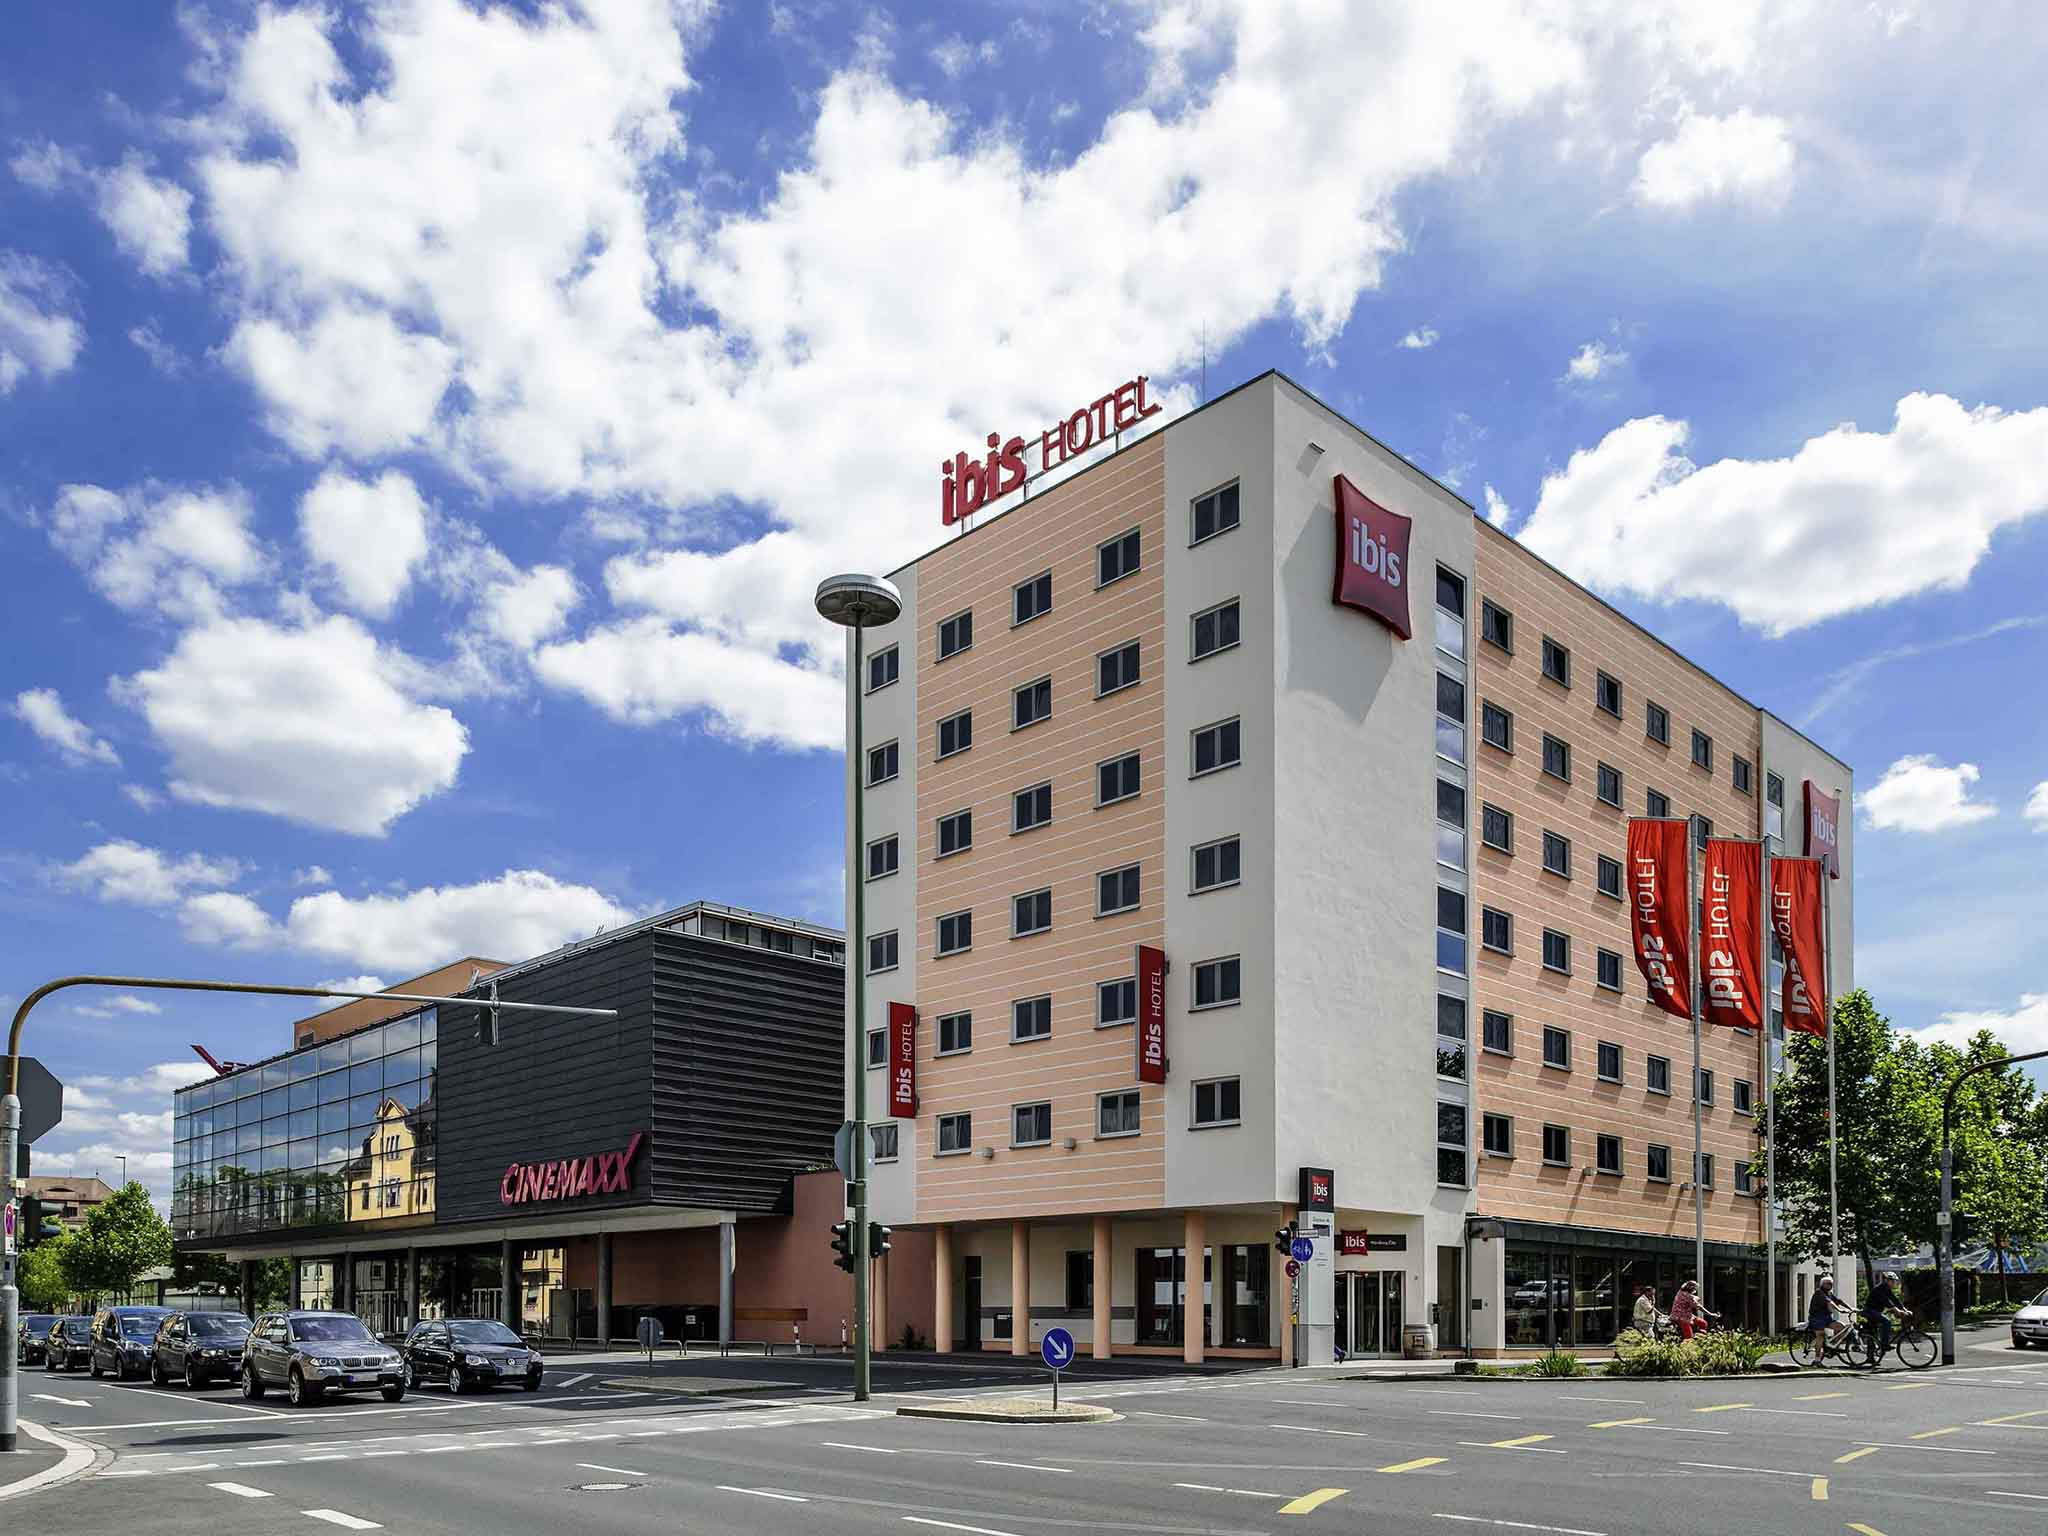 Hotel Ibis Wuerzburg City